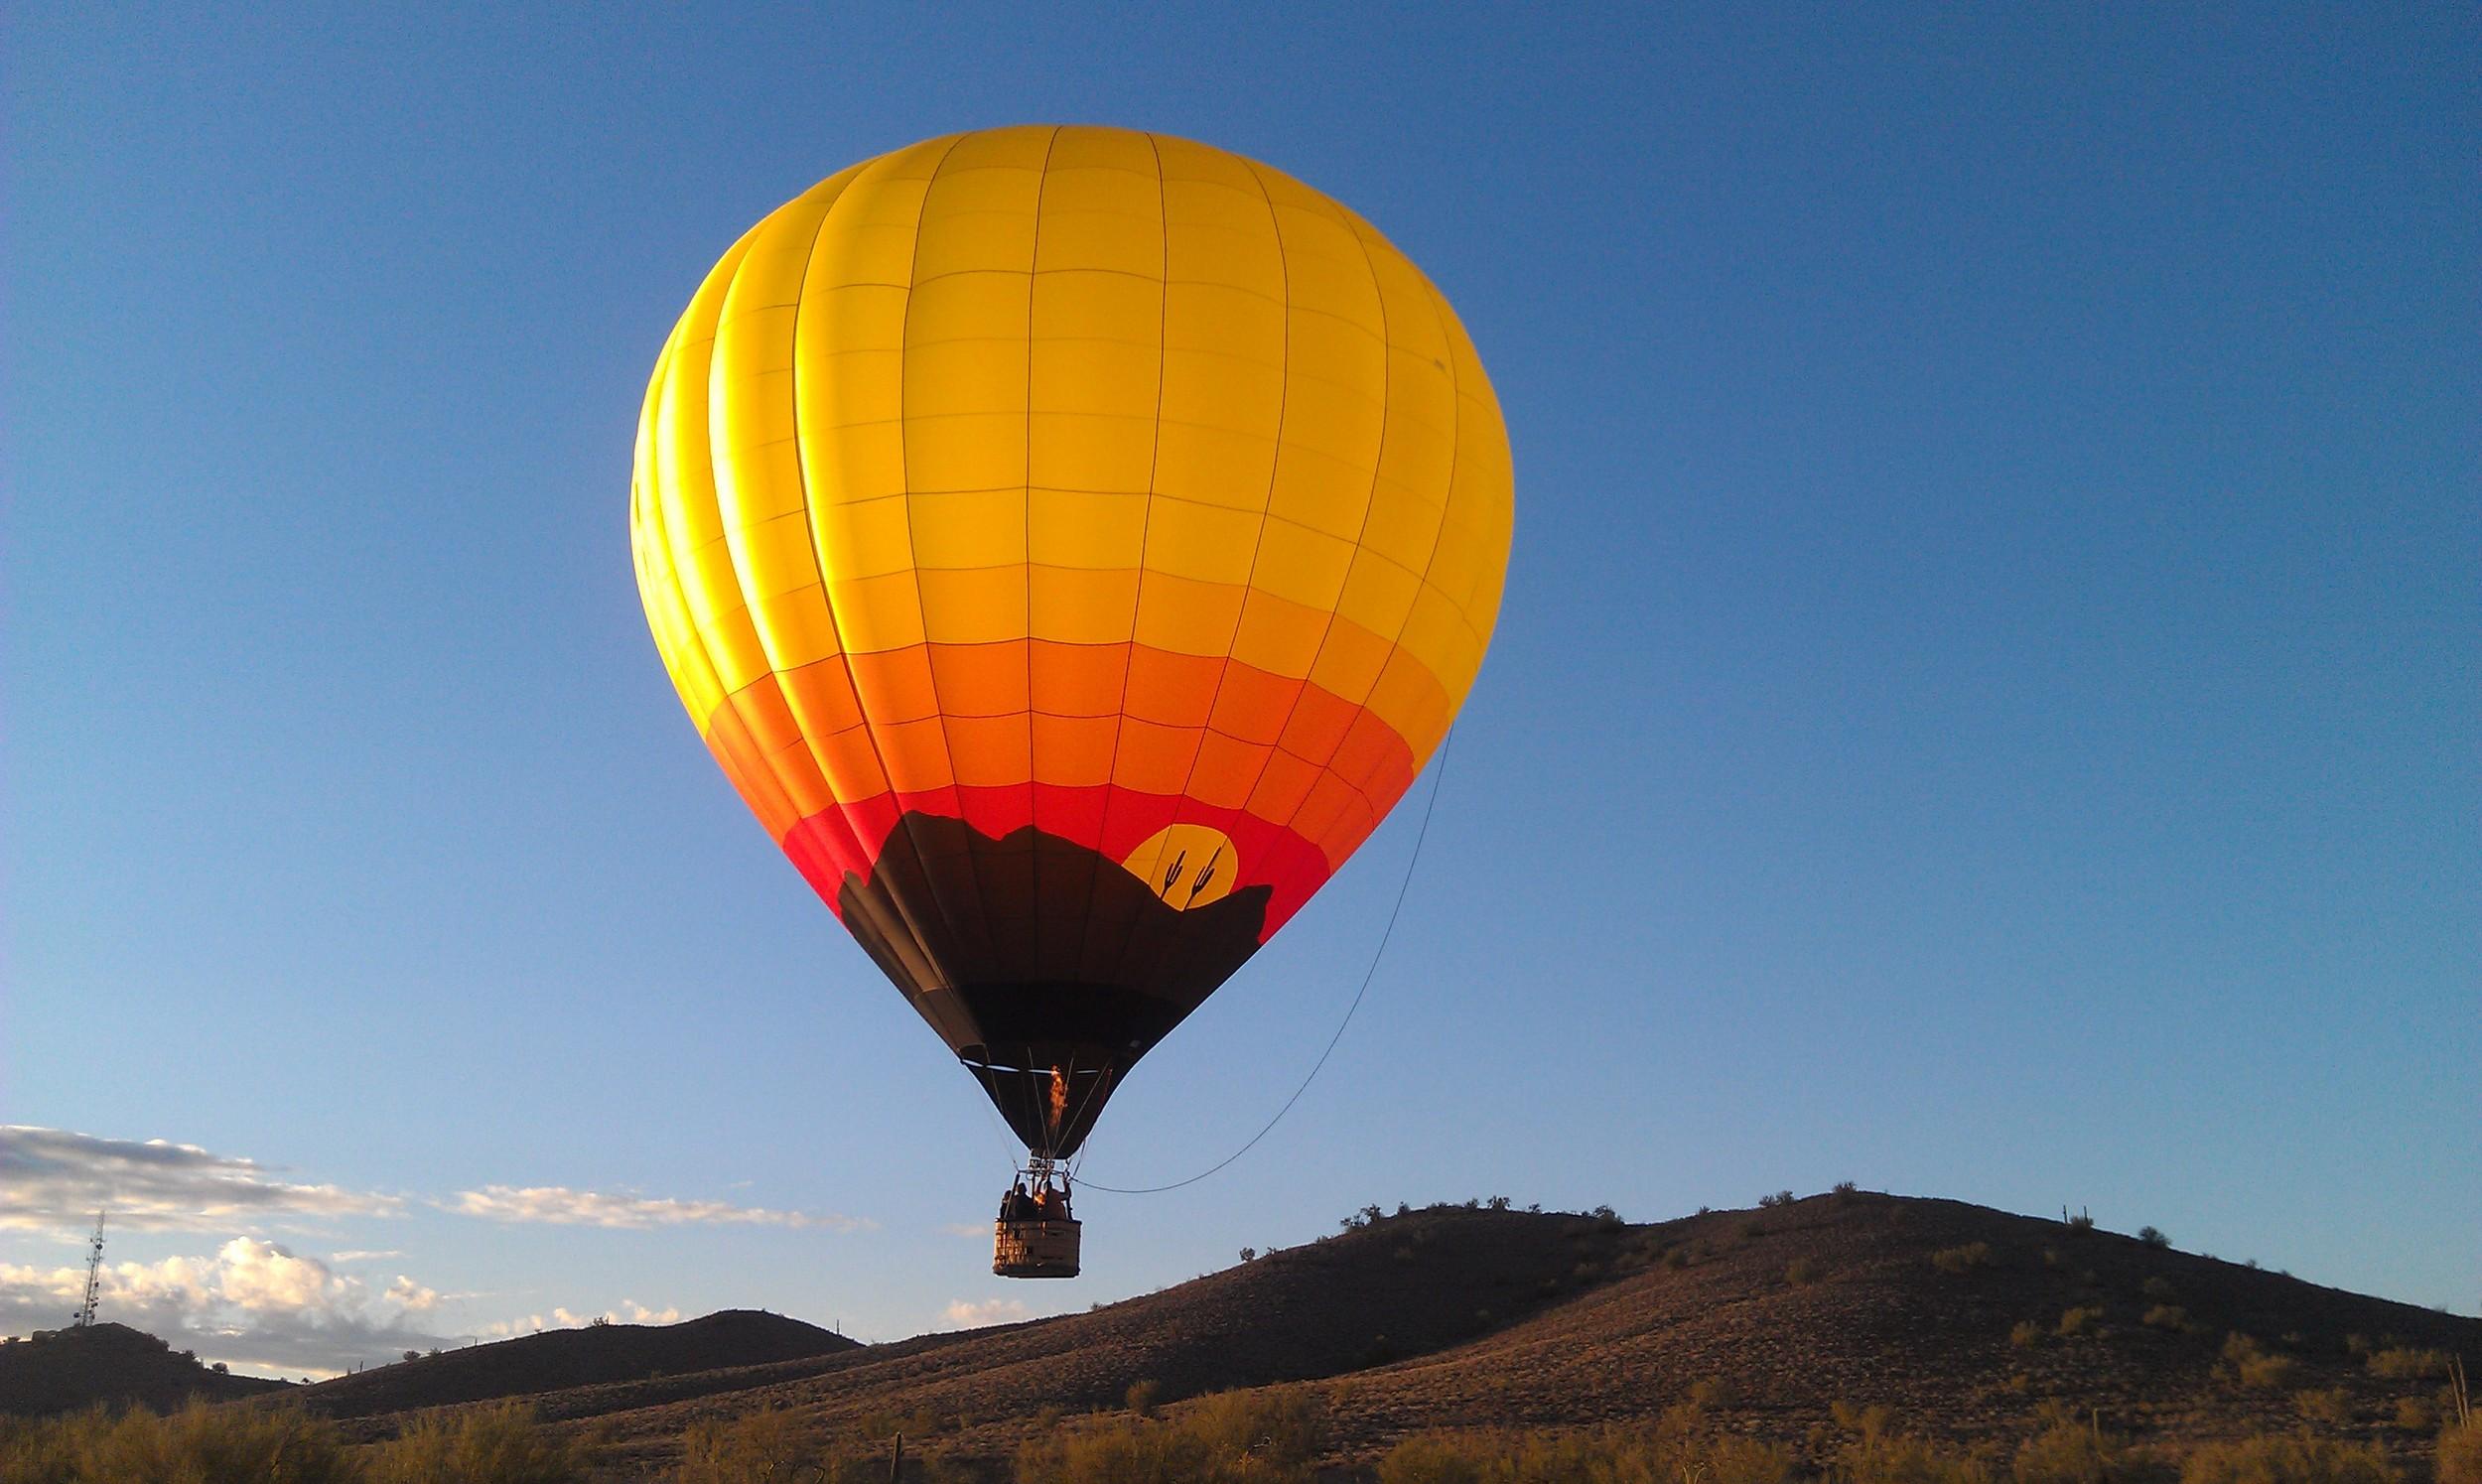 A hot air balloon flight nearing it's landing spot.